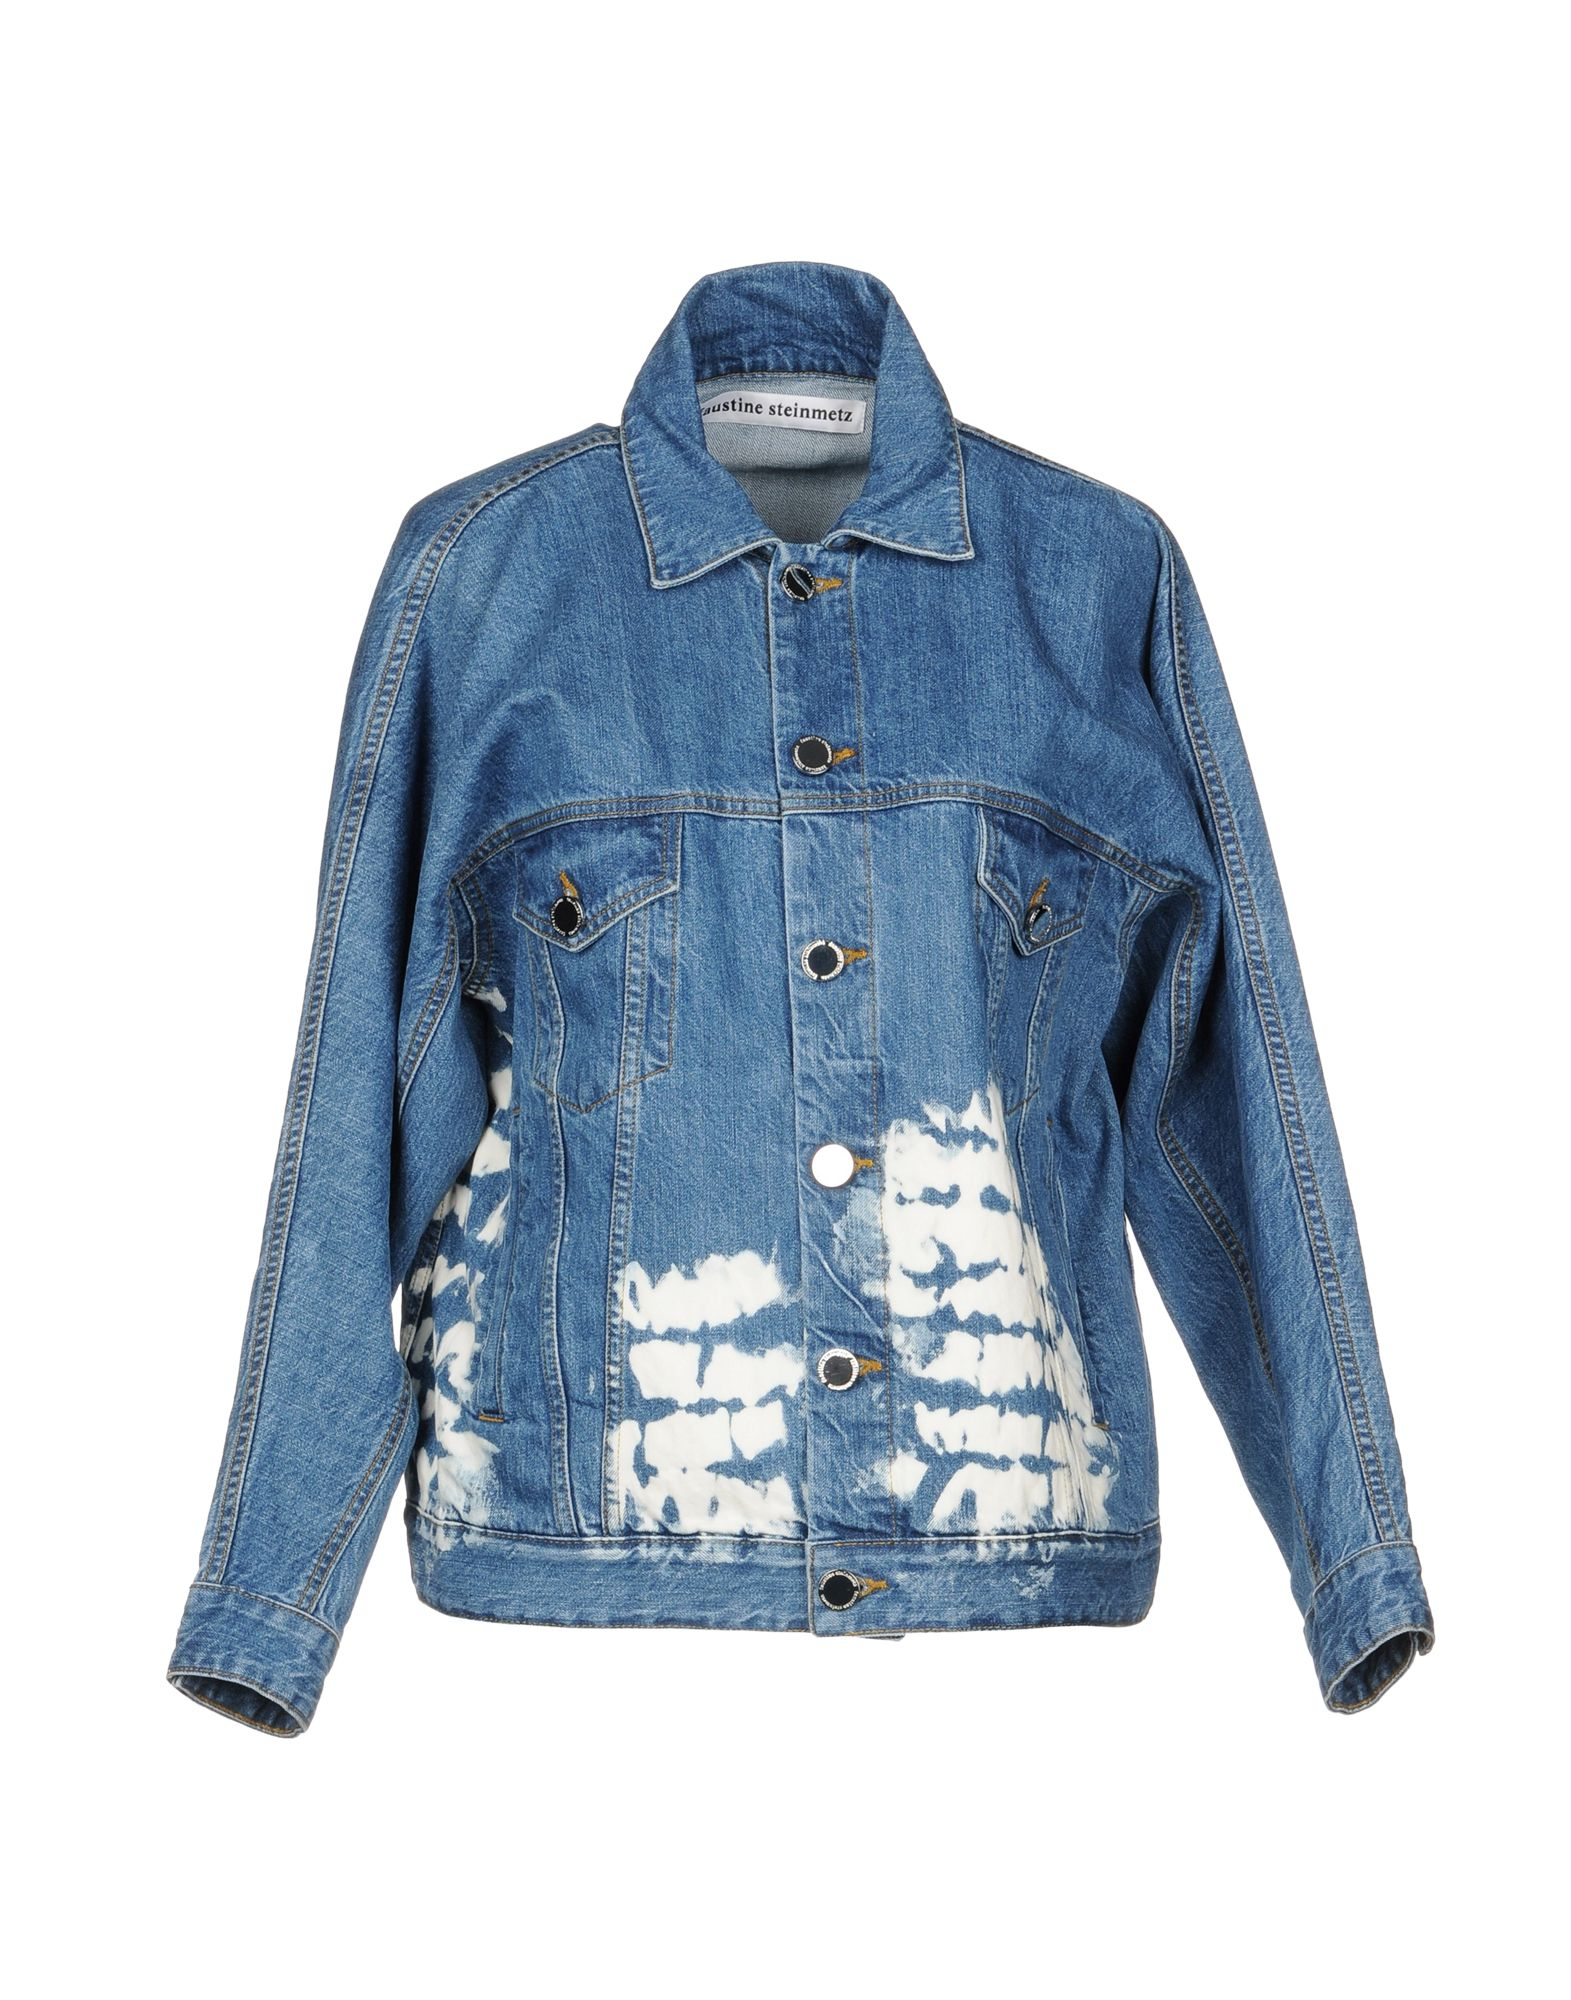 FAUSTINE STEINMETZ Denim Jacket in Blue